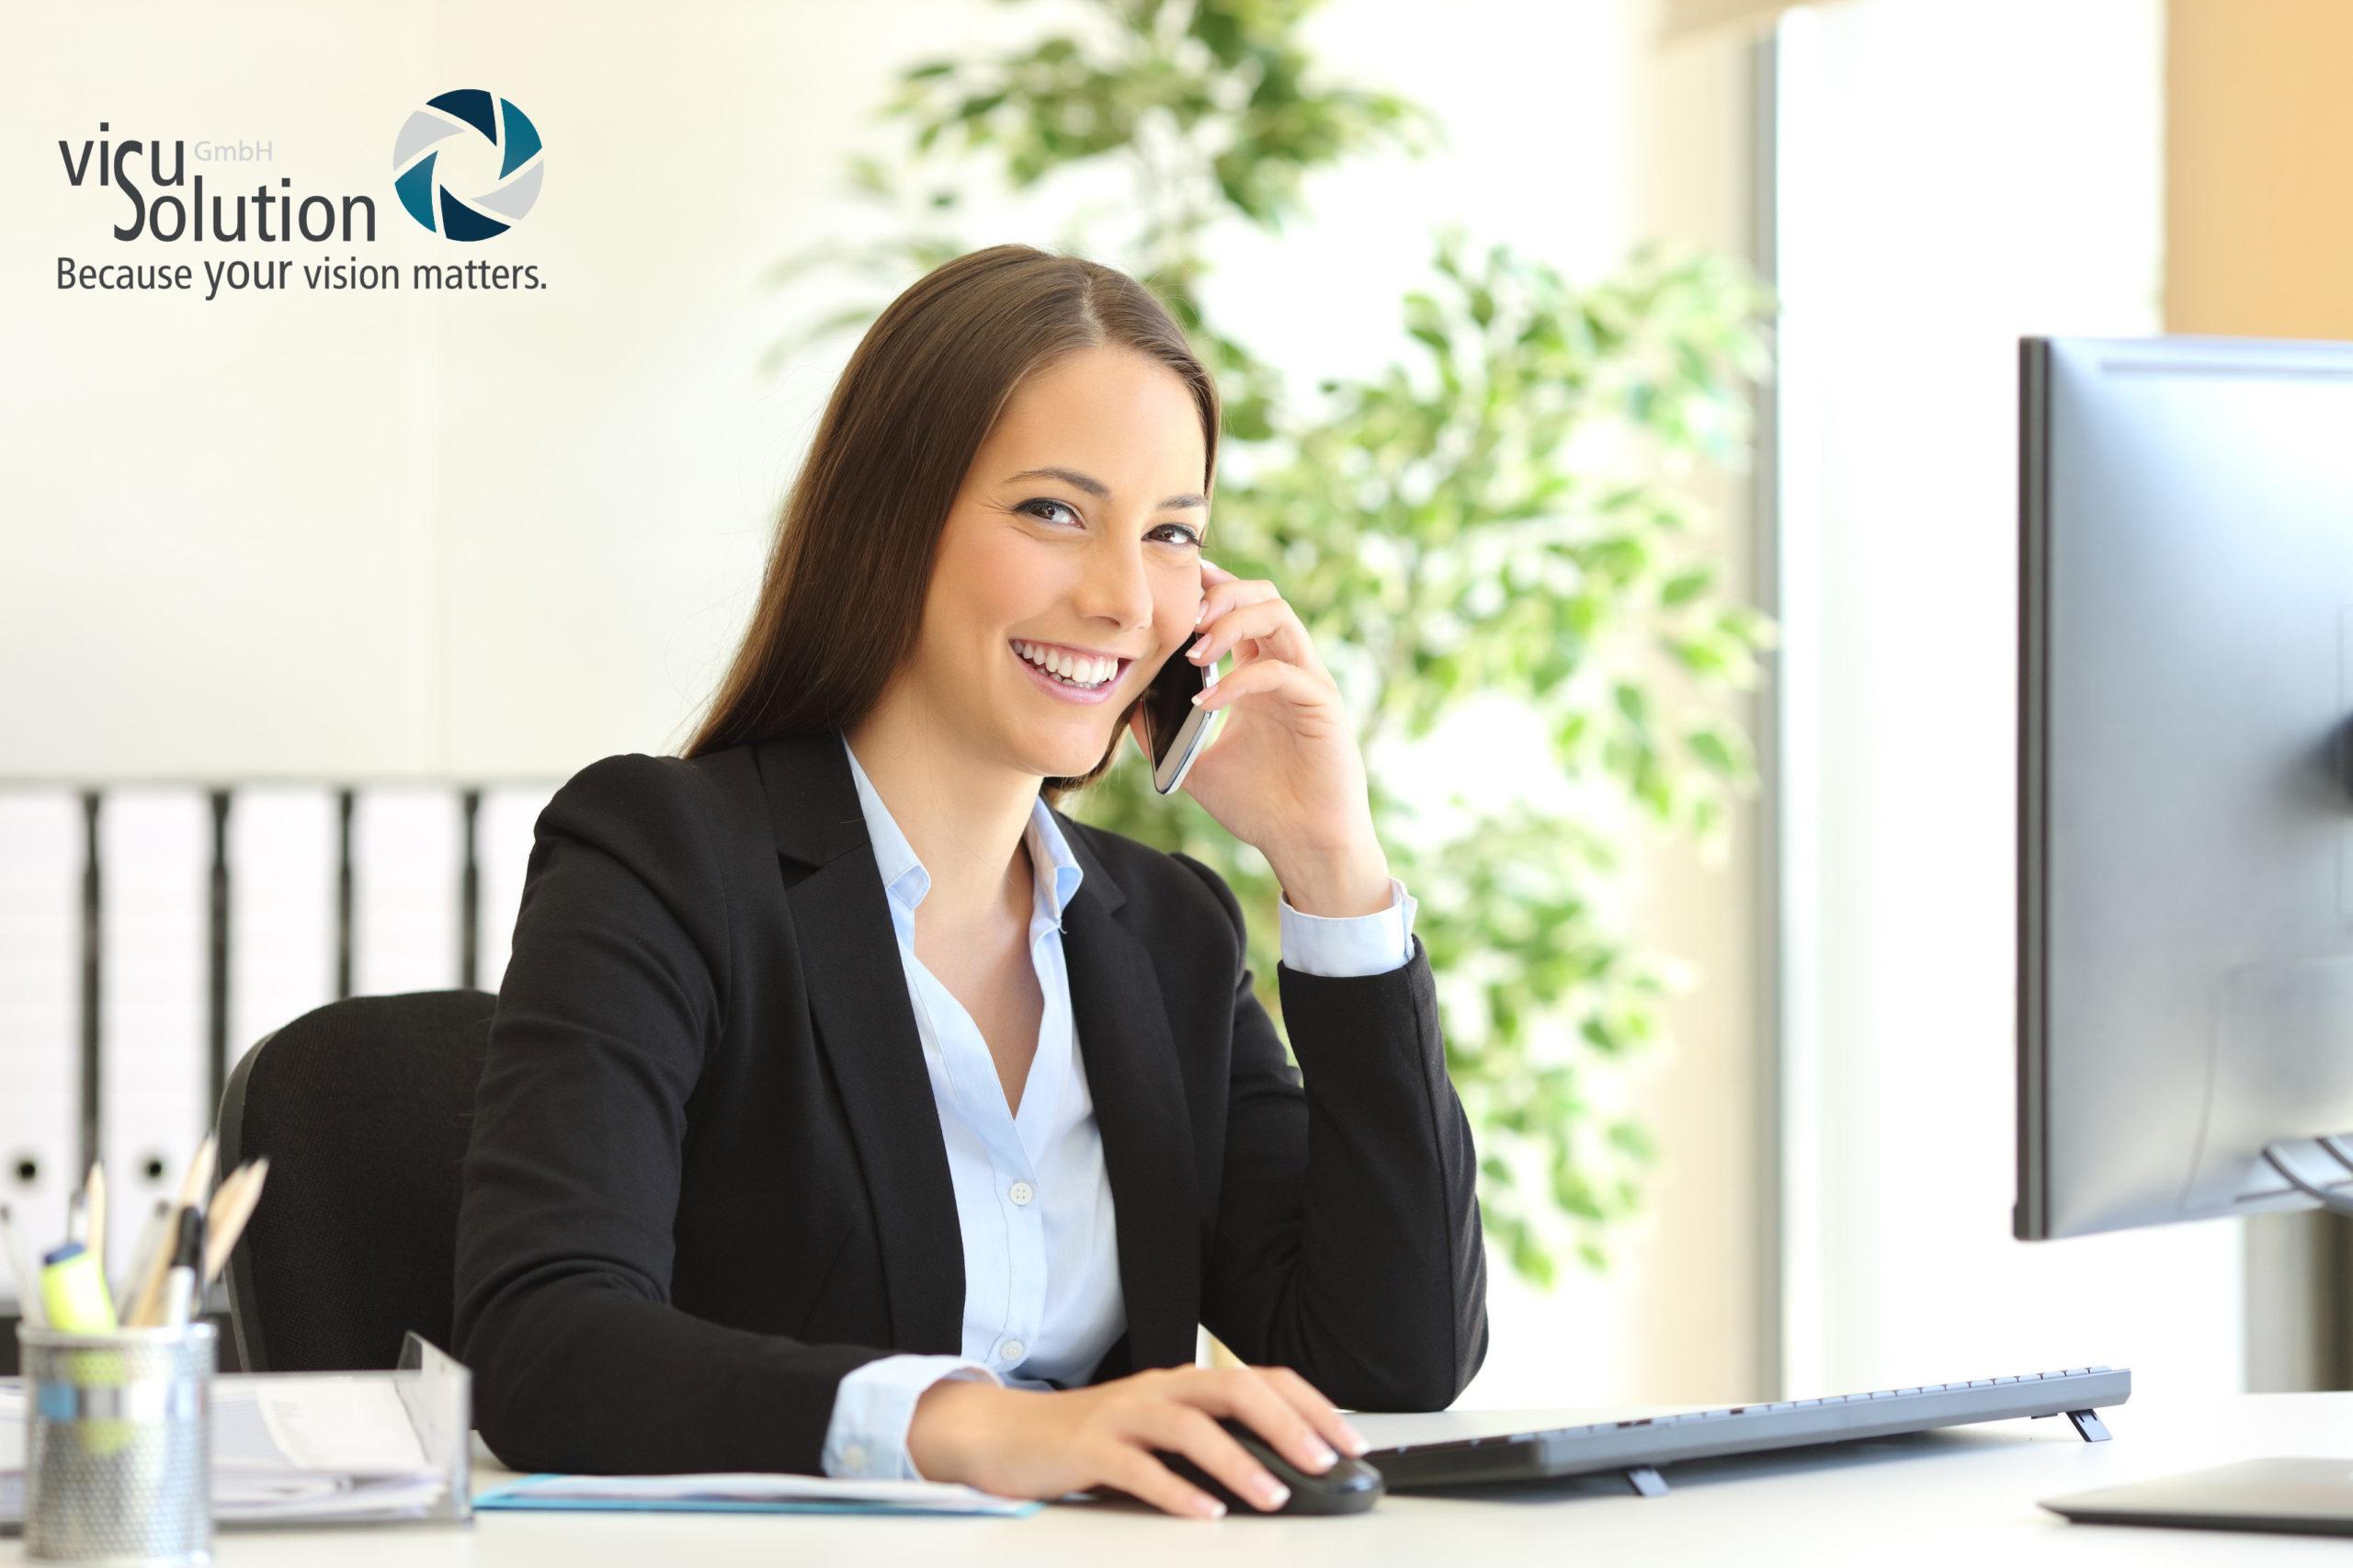 Kundenbetreuer (m/w/d) im Vertriebsinnendienst